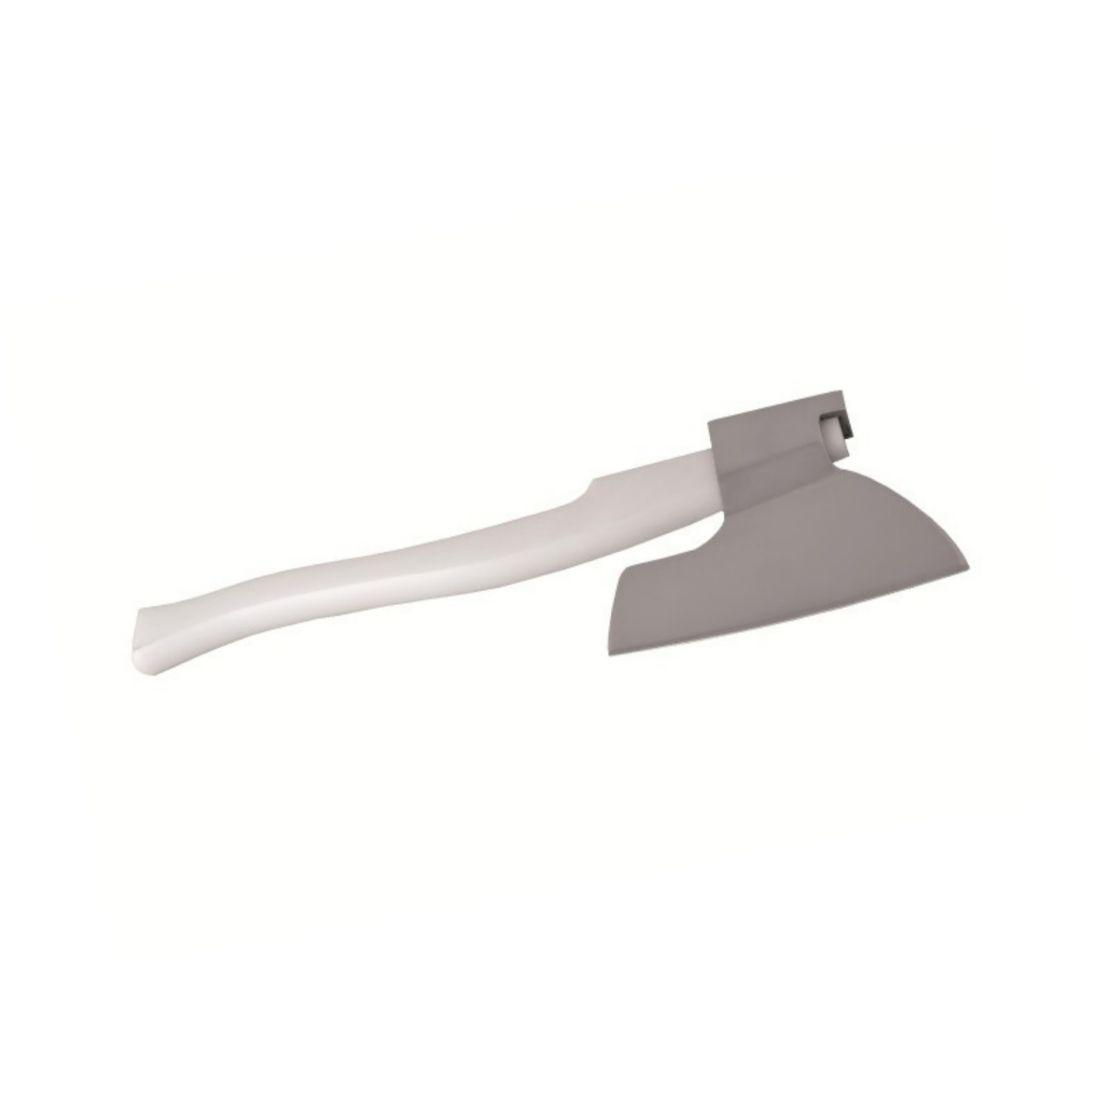 Sekera s polyetylenovou rukojetí, dl. 60 cm